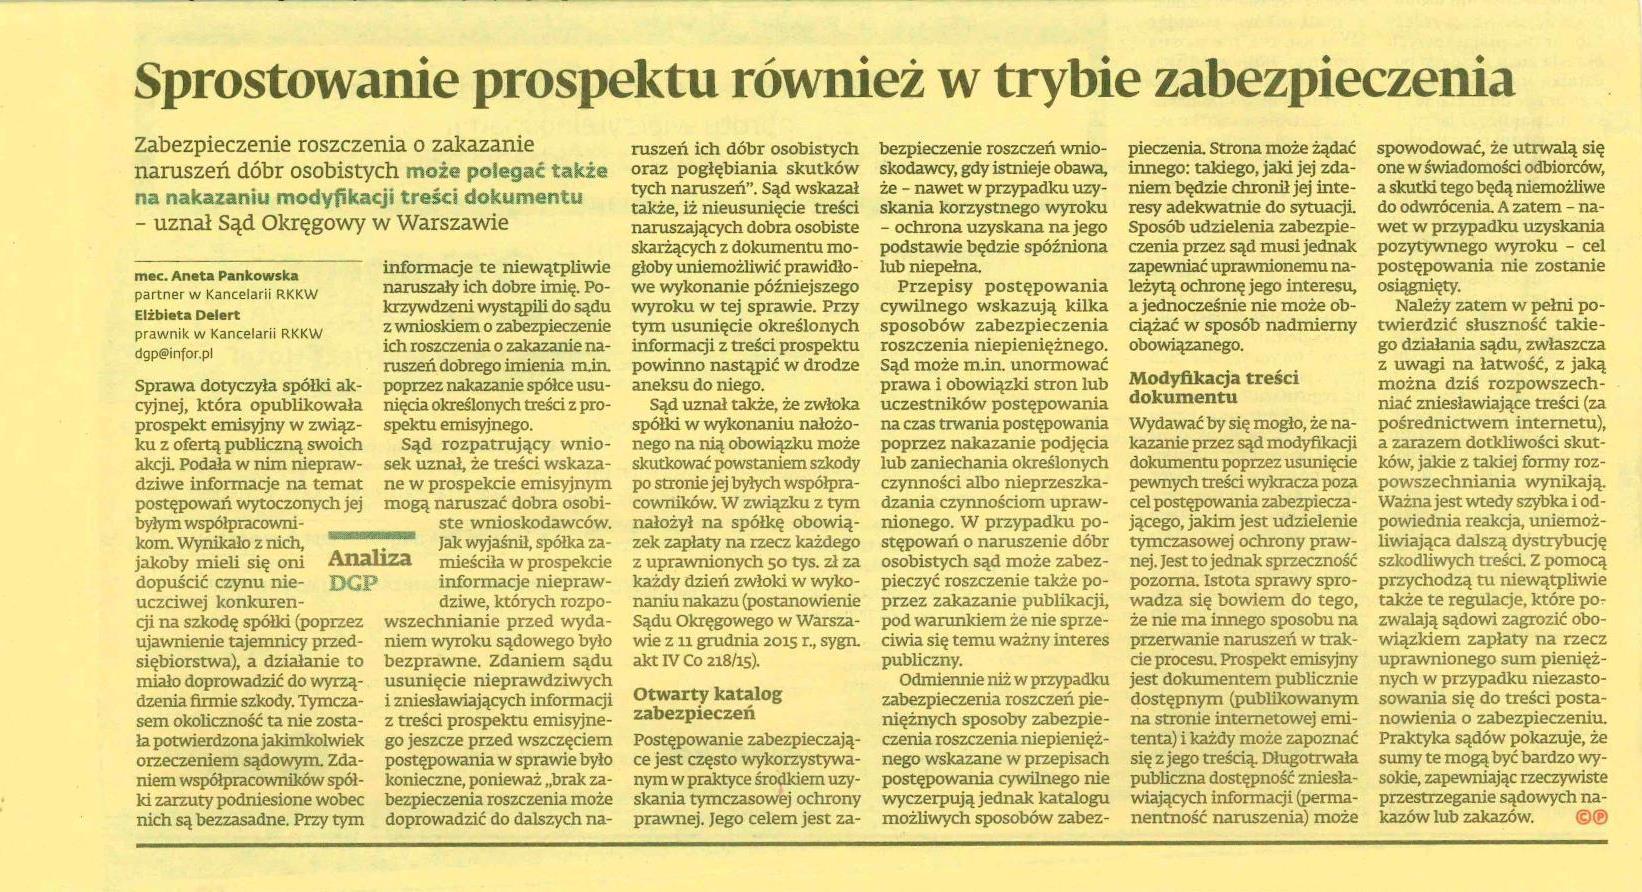 160211_Dziennik Gazeta Prawna_Sprostowanie prospektu również w trybie za...-page-001